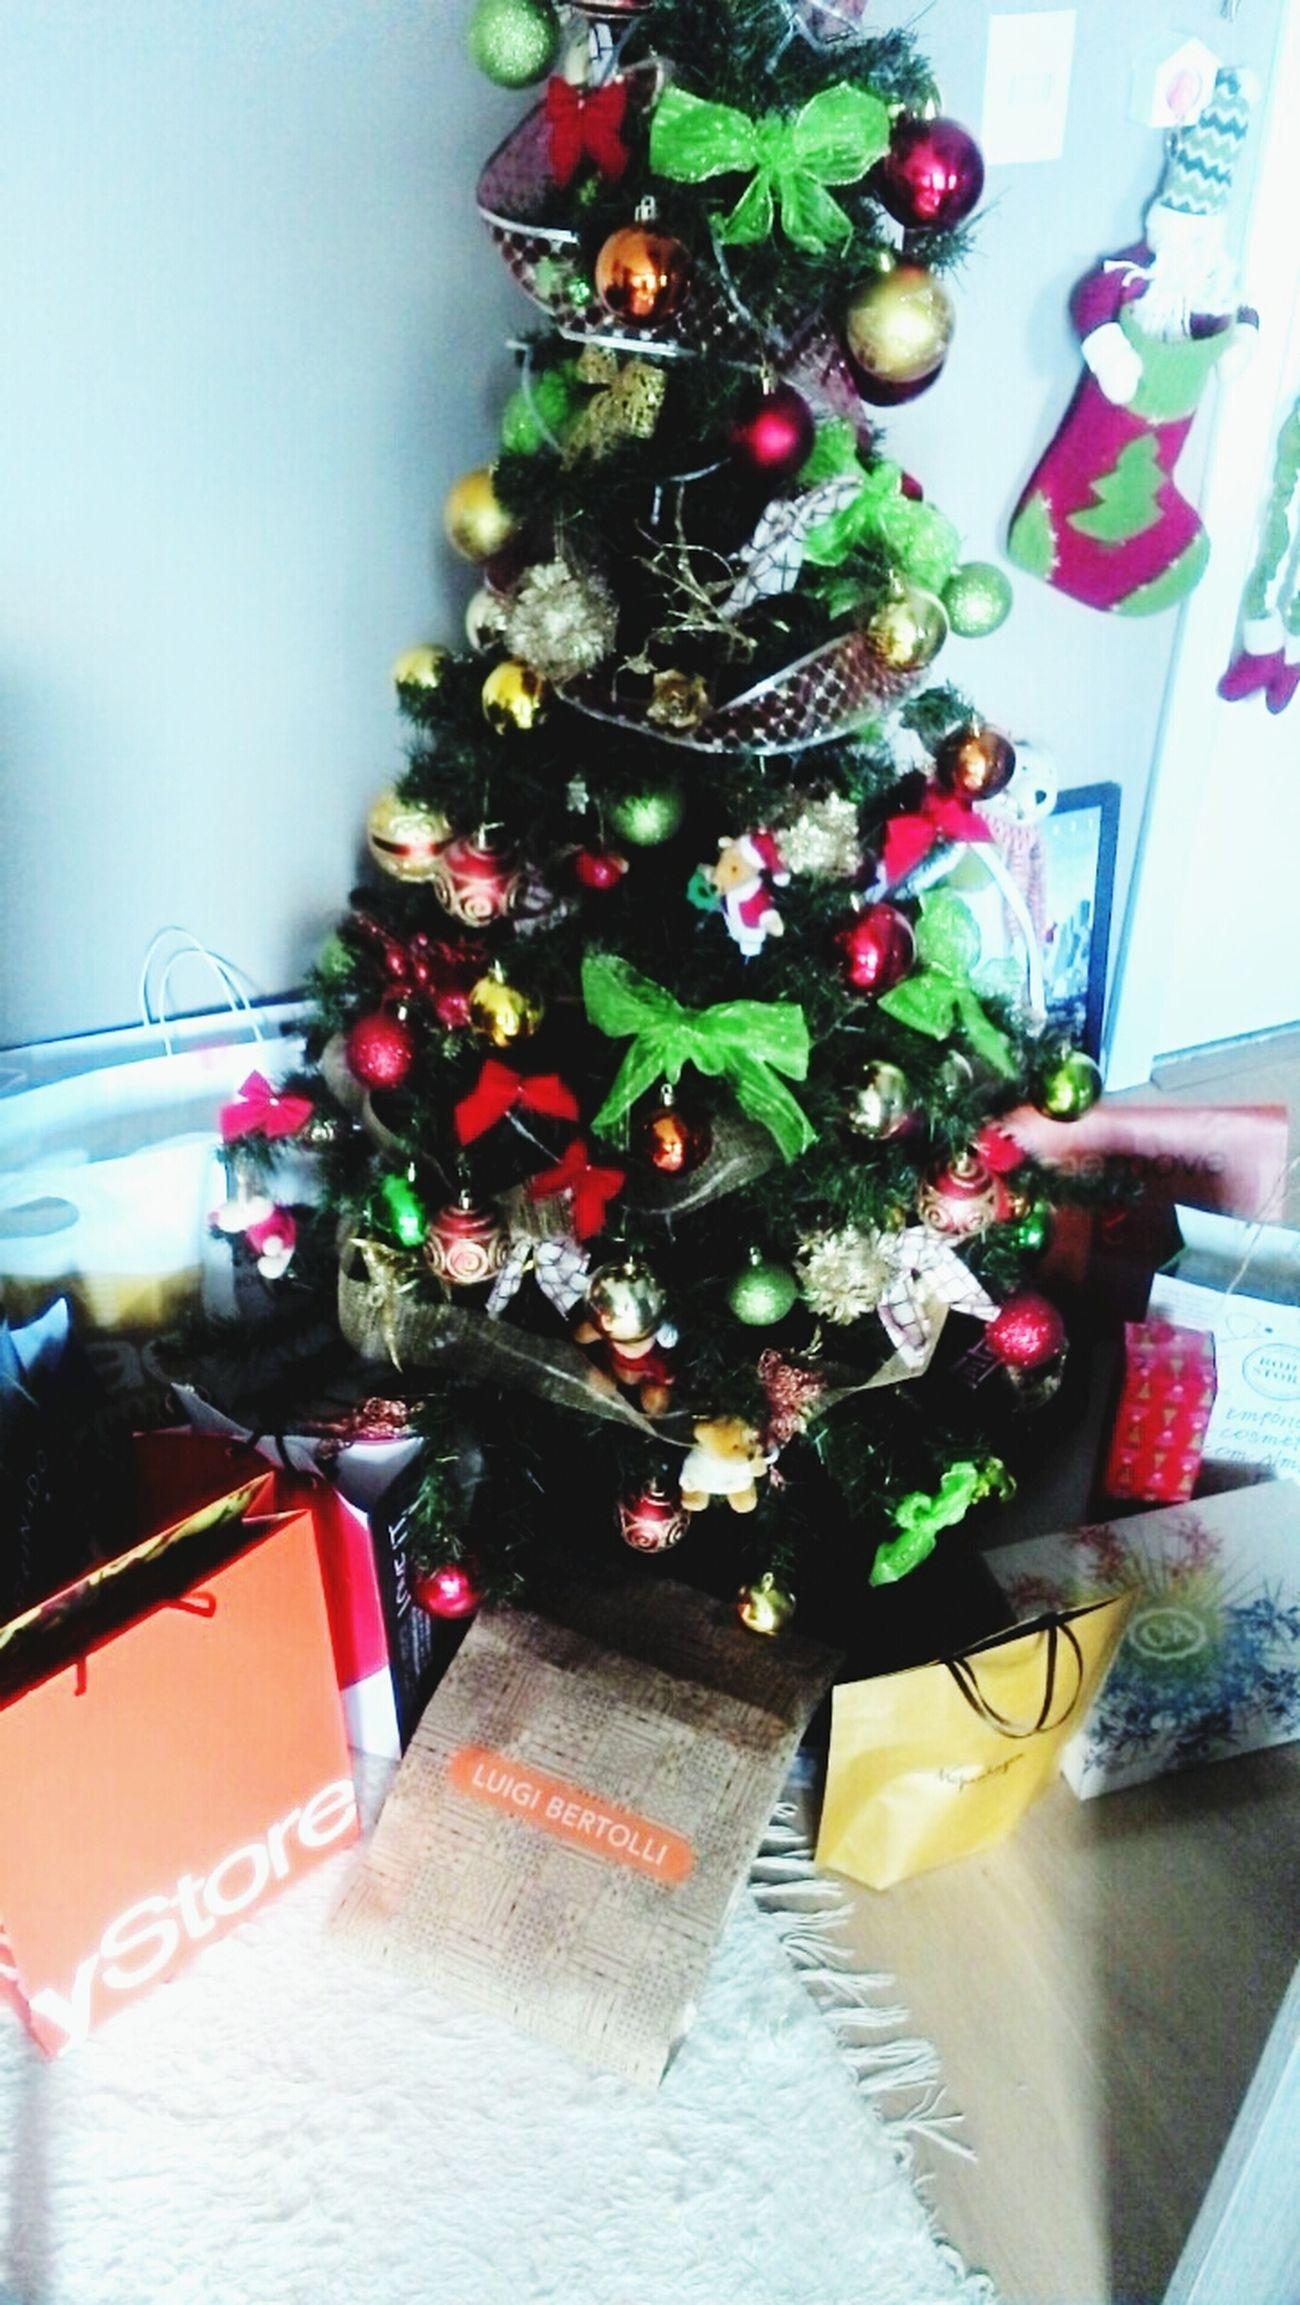 My Christmas!